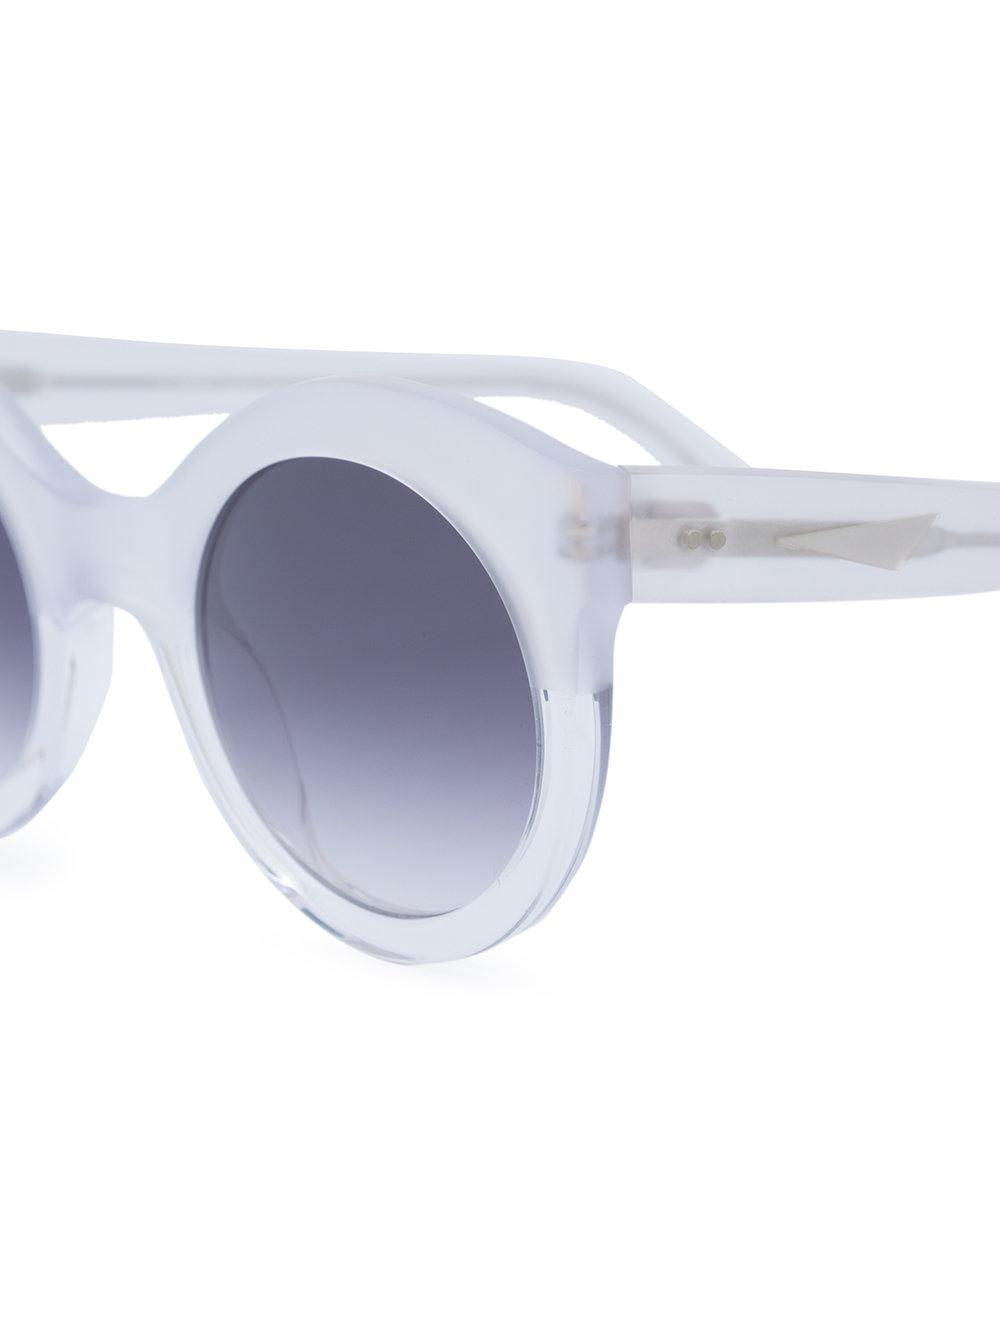 PRISM Savanna sunglasses 3pXRrut